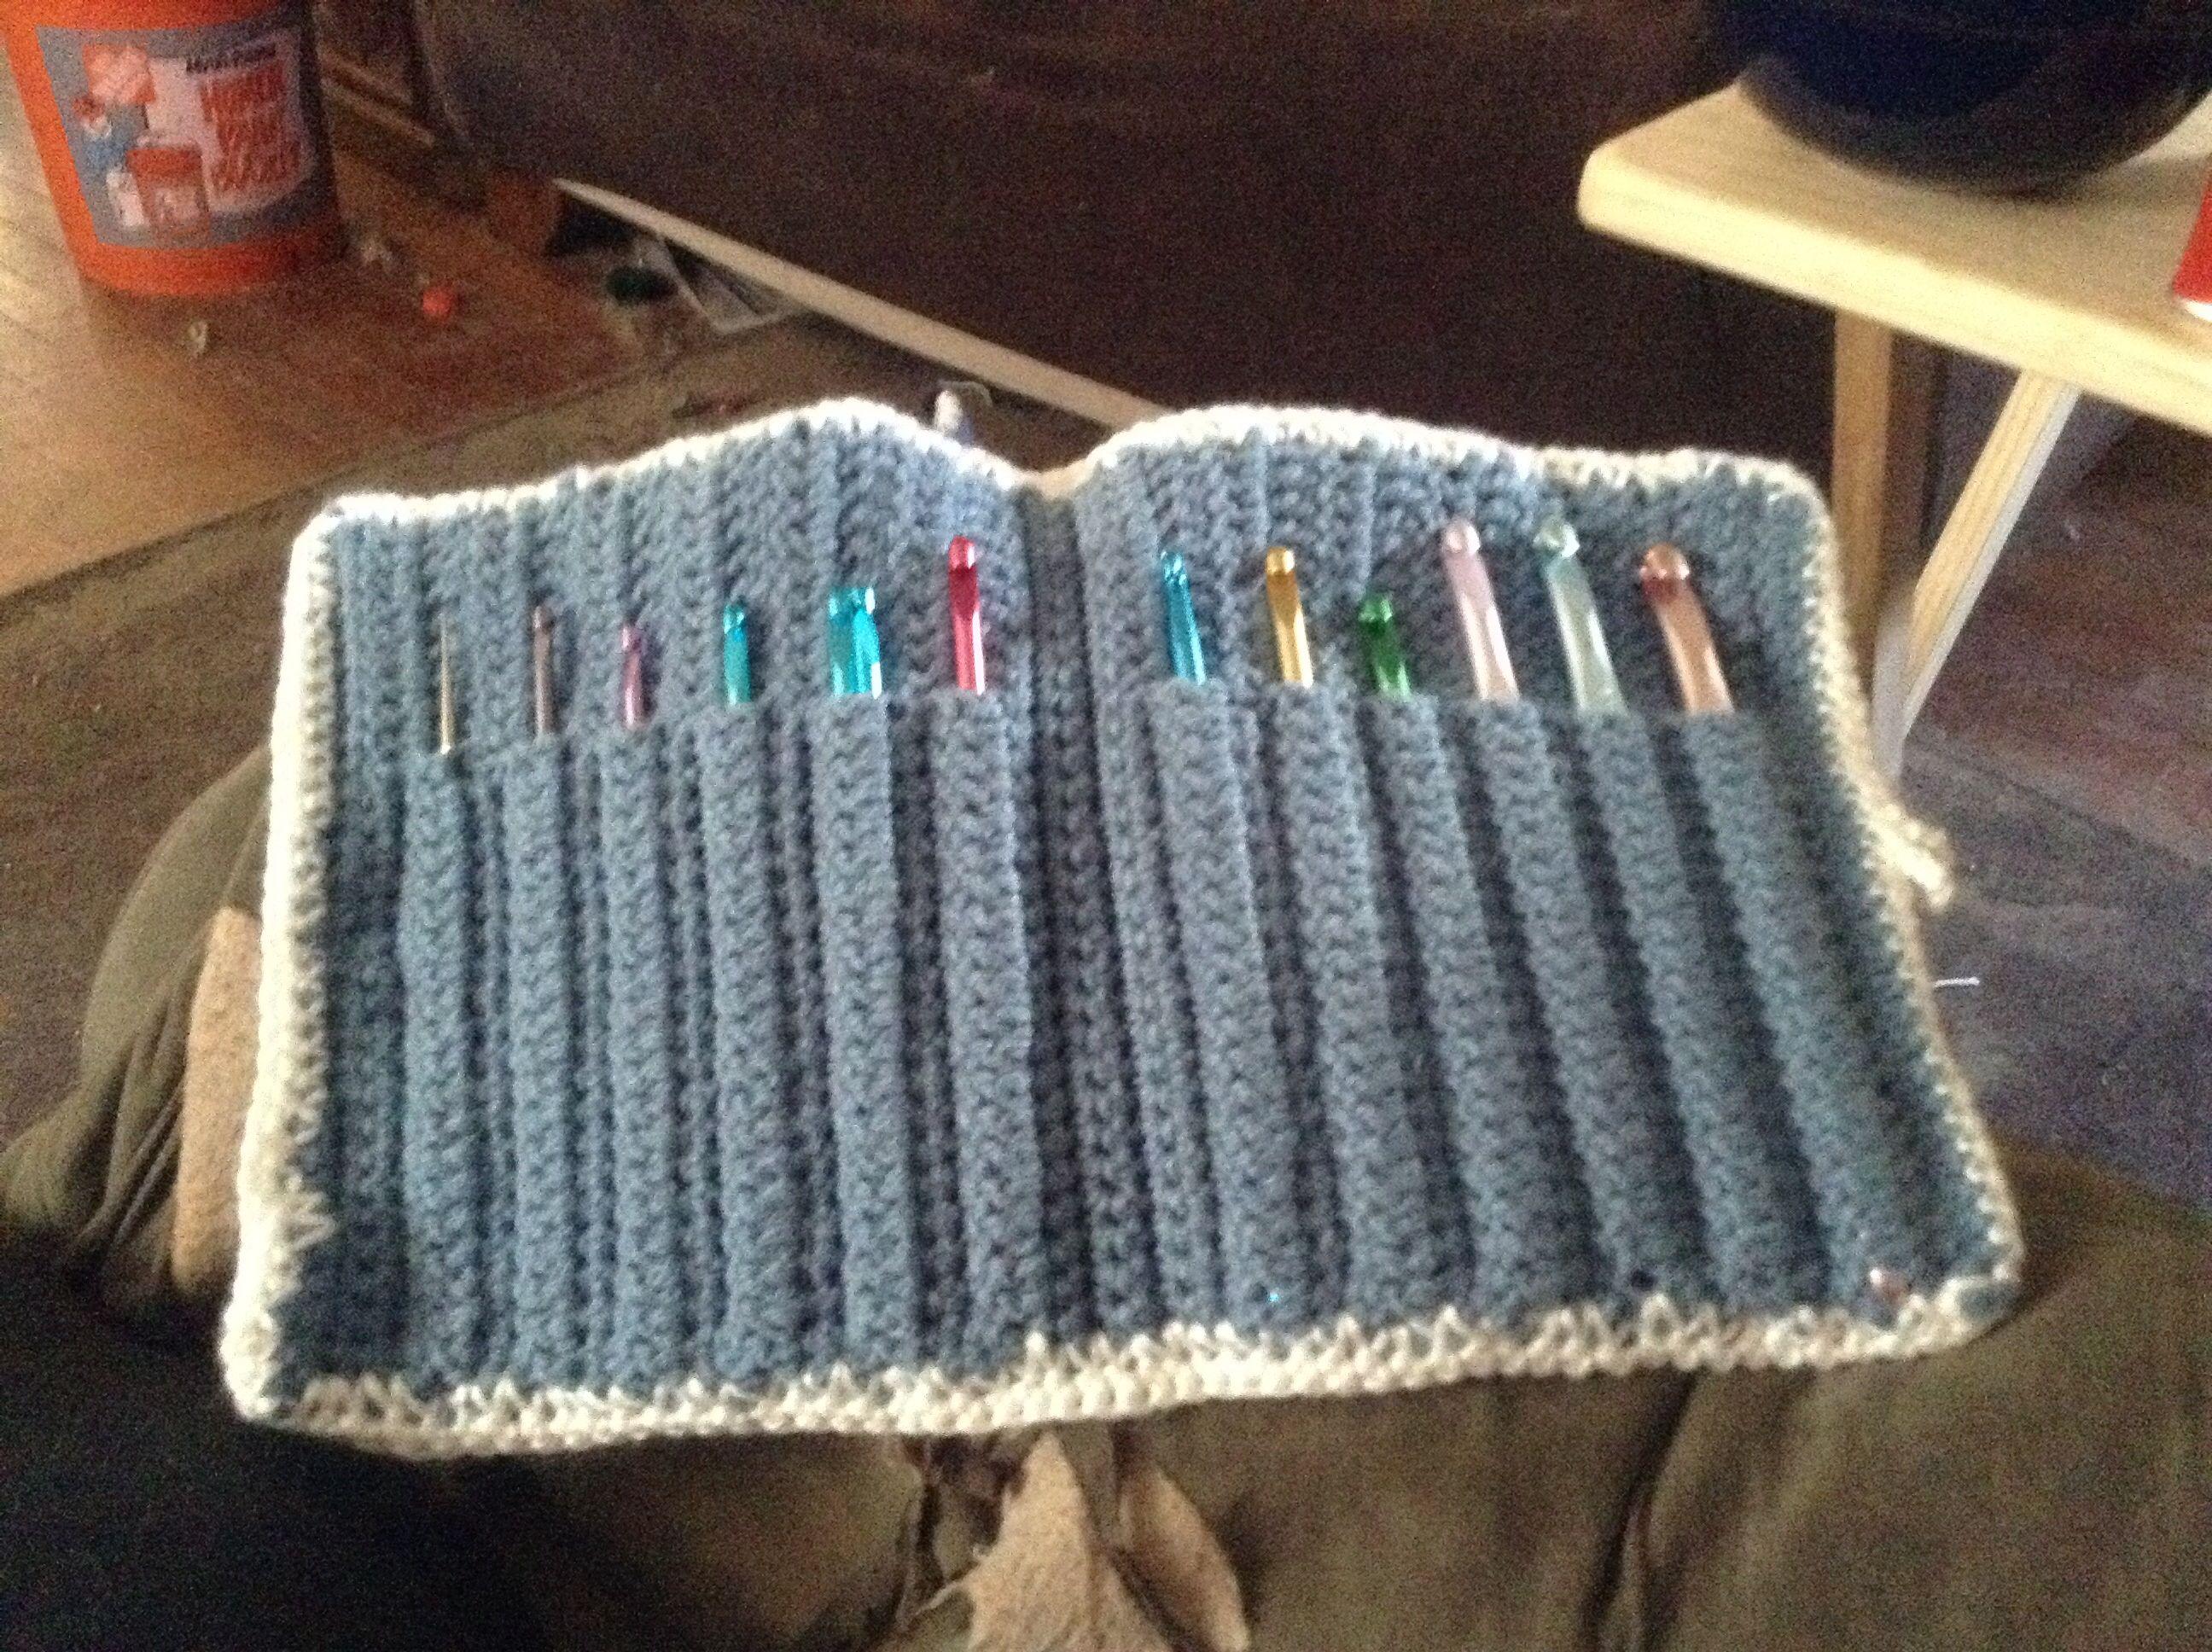 Crochet Hook Case : Crochet hook case Crochet Hooks for Beginners Pinterest